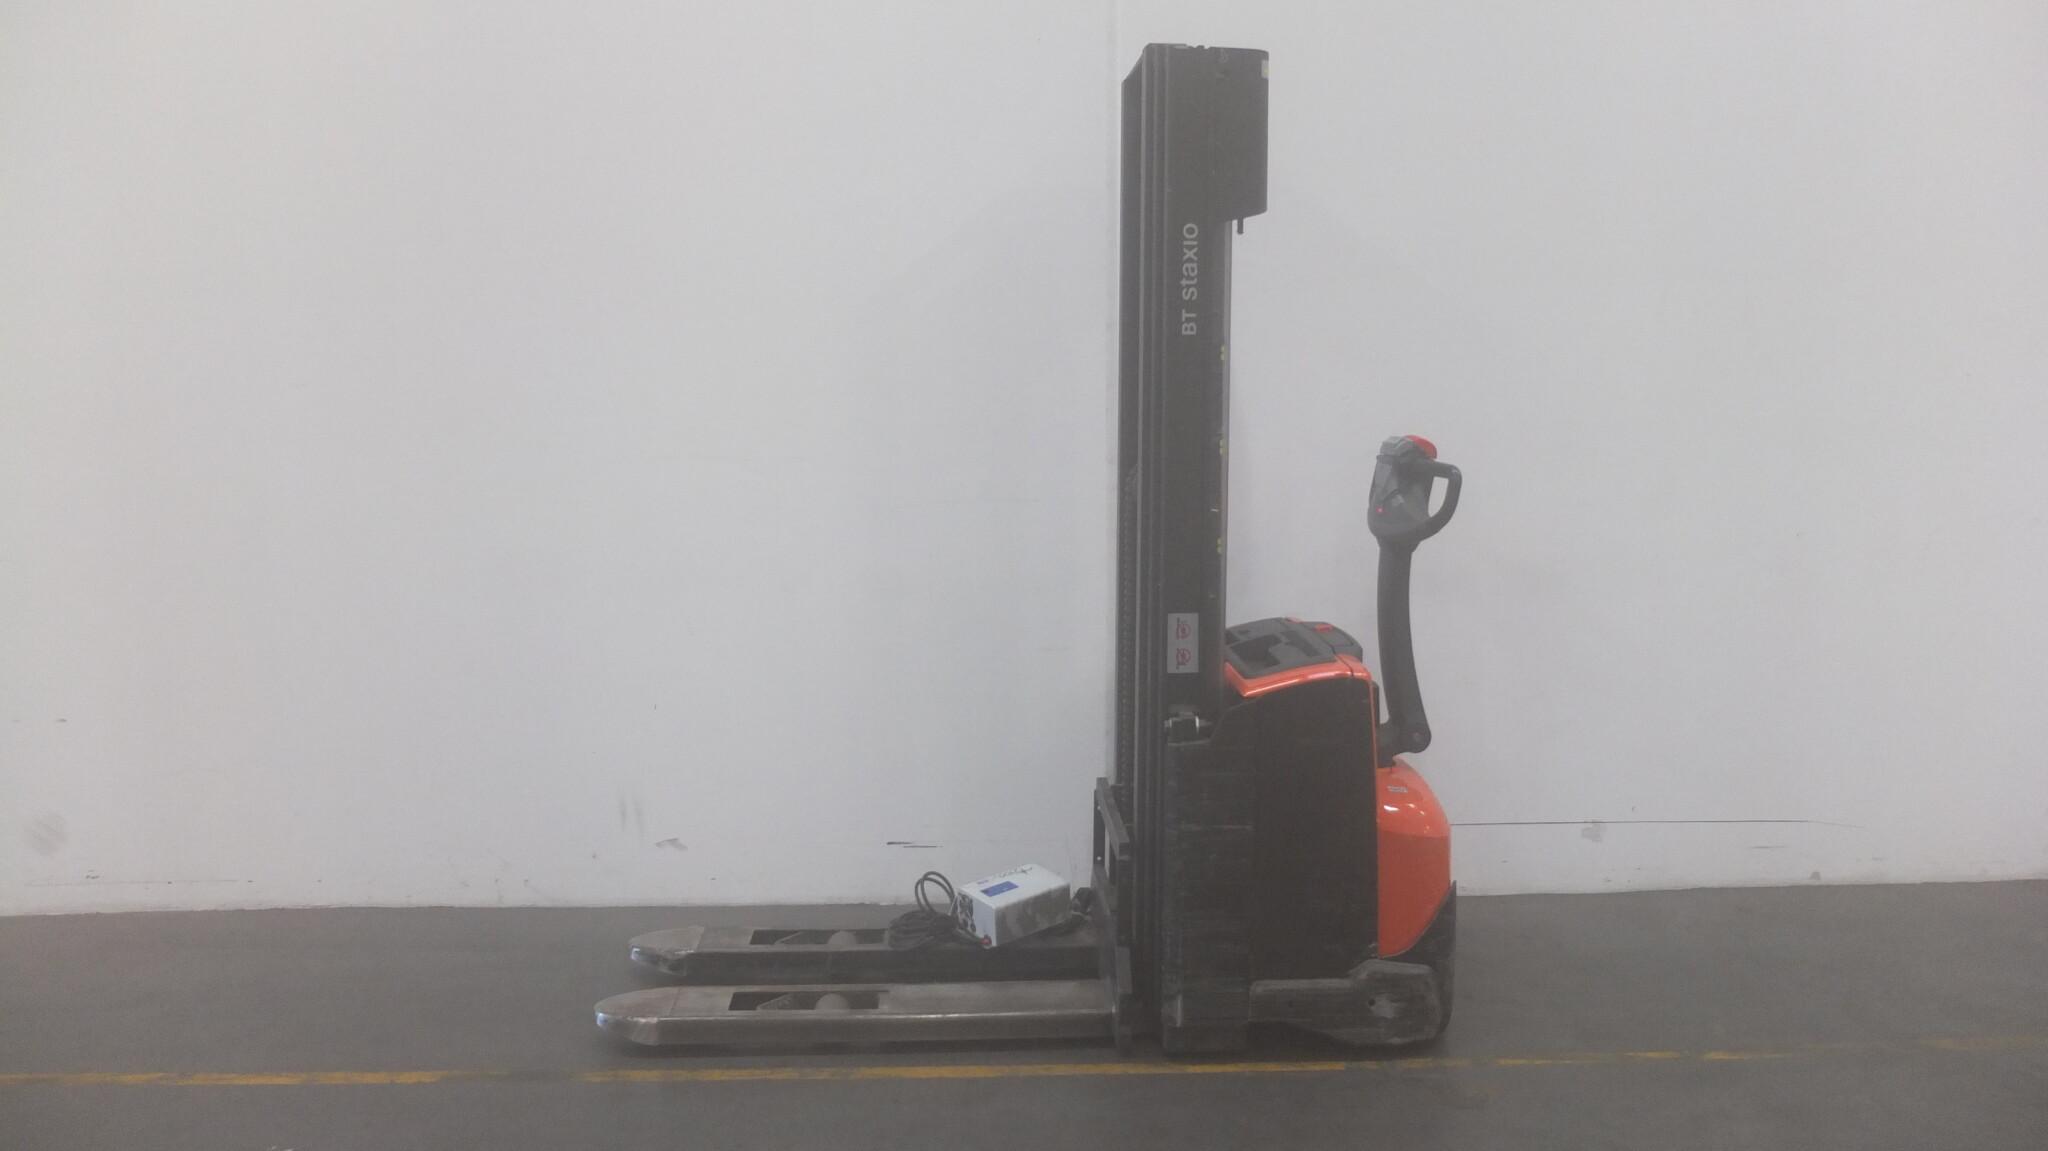 Toyota-Gabelstapler-59840 1607026553 1 scaled